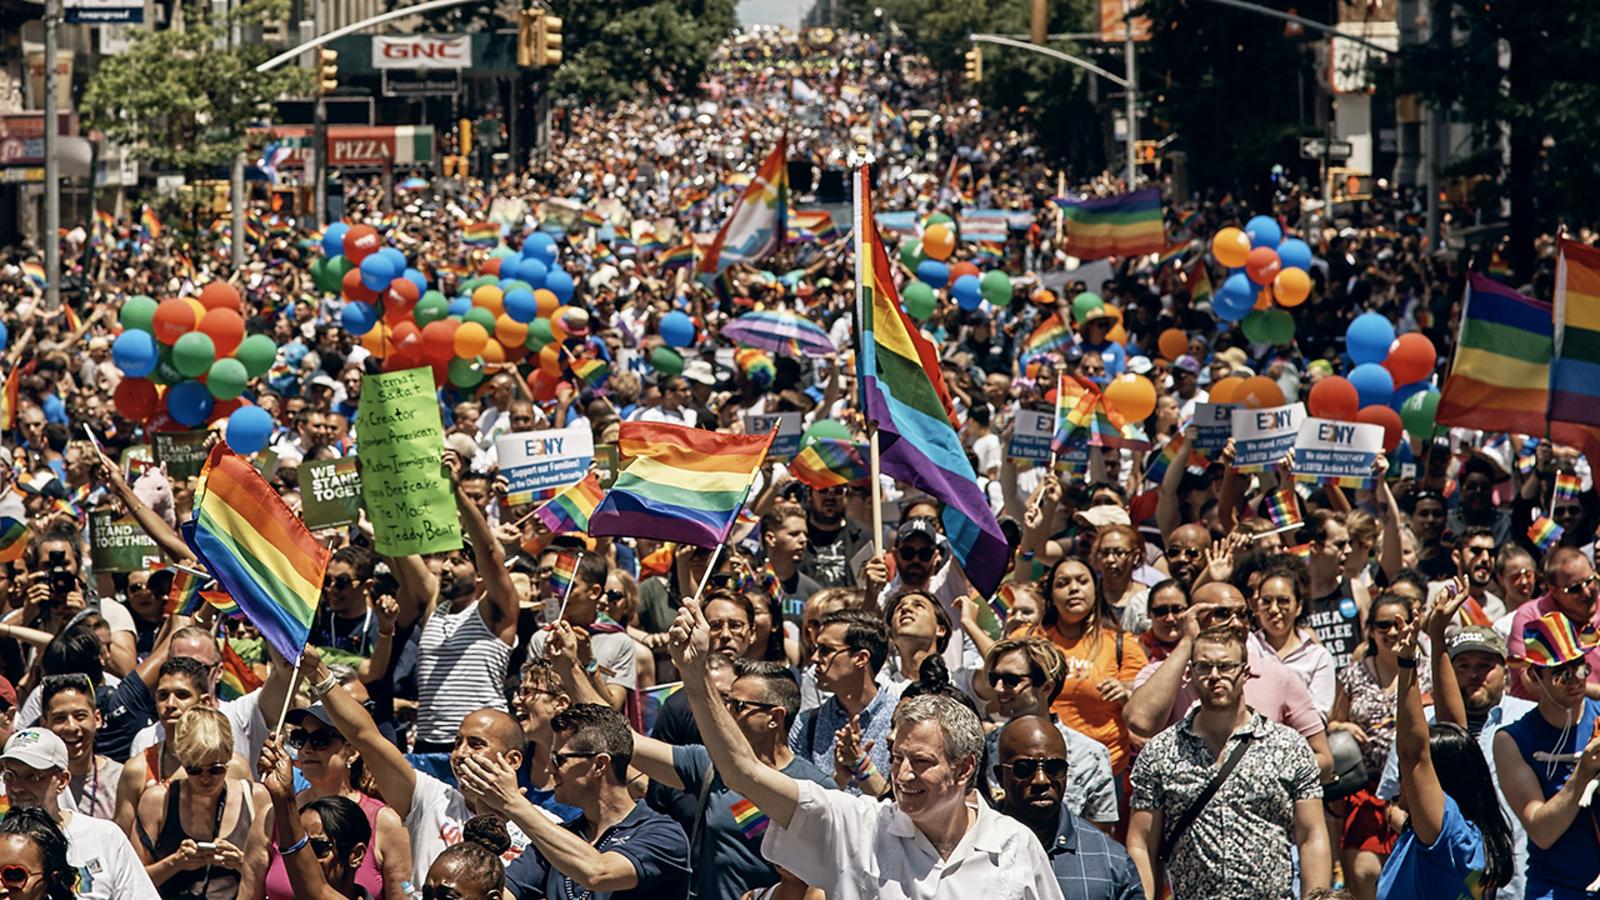 dijon rencontre gay parade a Meyzieu